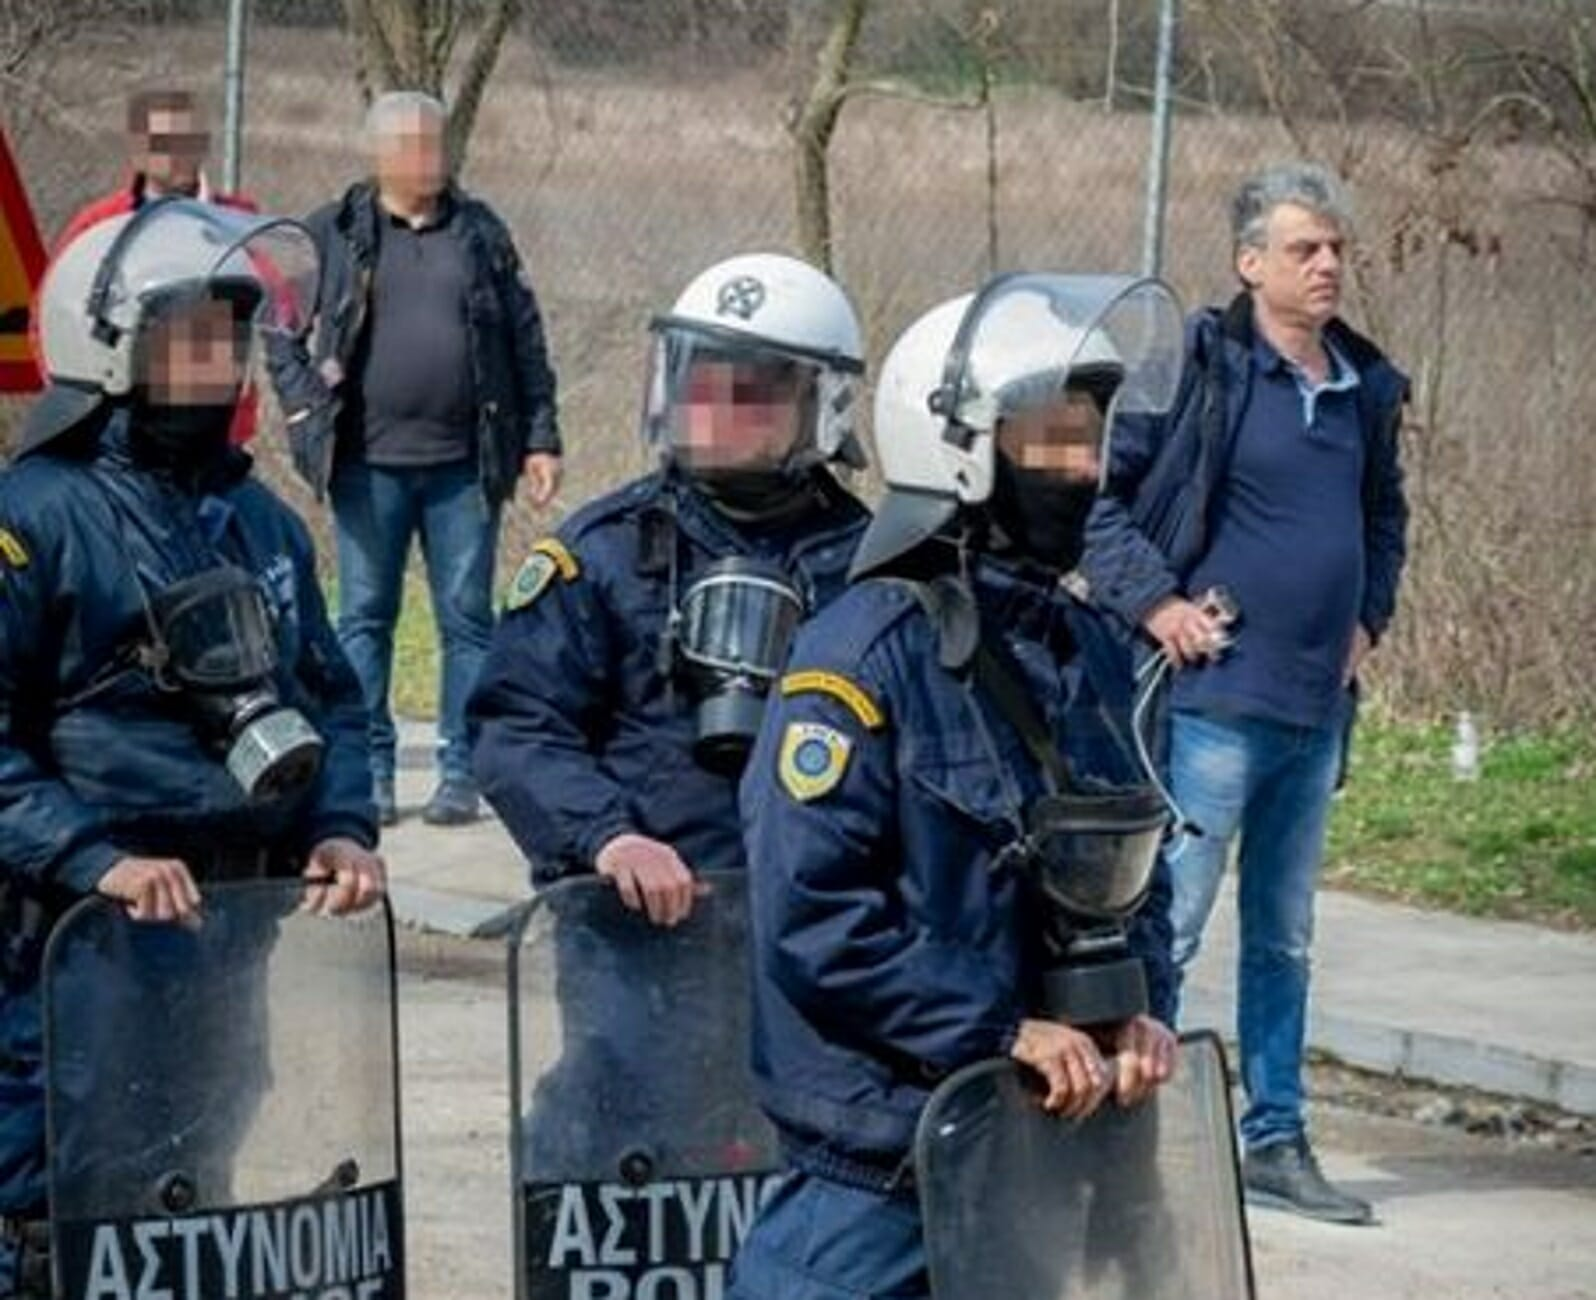 Έβρος: Ο δήμαρχος Ορεστιάδας ανέβασε αυτή τη φωτογραφία και δέχτηκε καταιγισμό μηνυμάτων! Η επίθεση αγάπης (Φωτό)